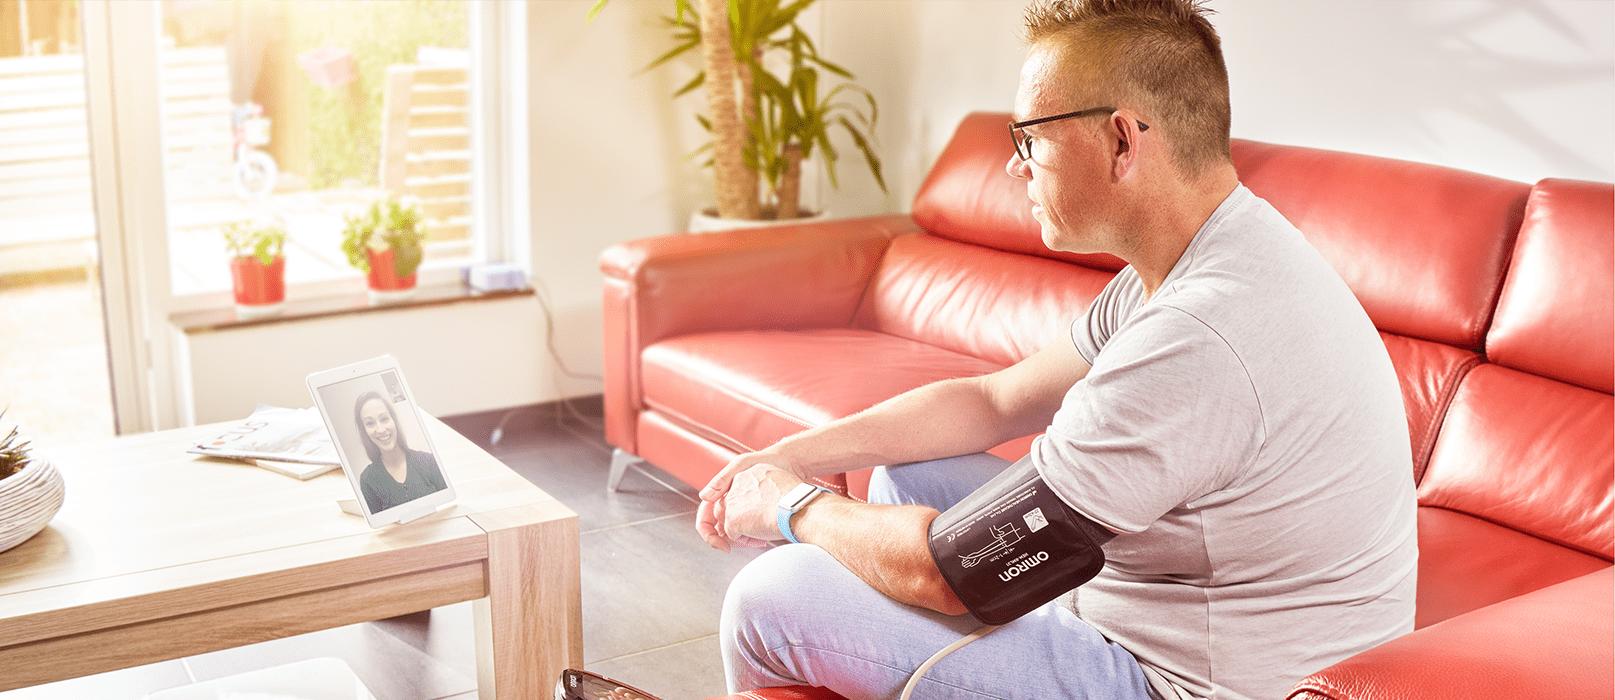 Klienten ringer videosamtal till sin vårdgivare via cContact och diskuterar blodtrycket